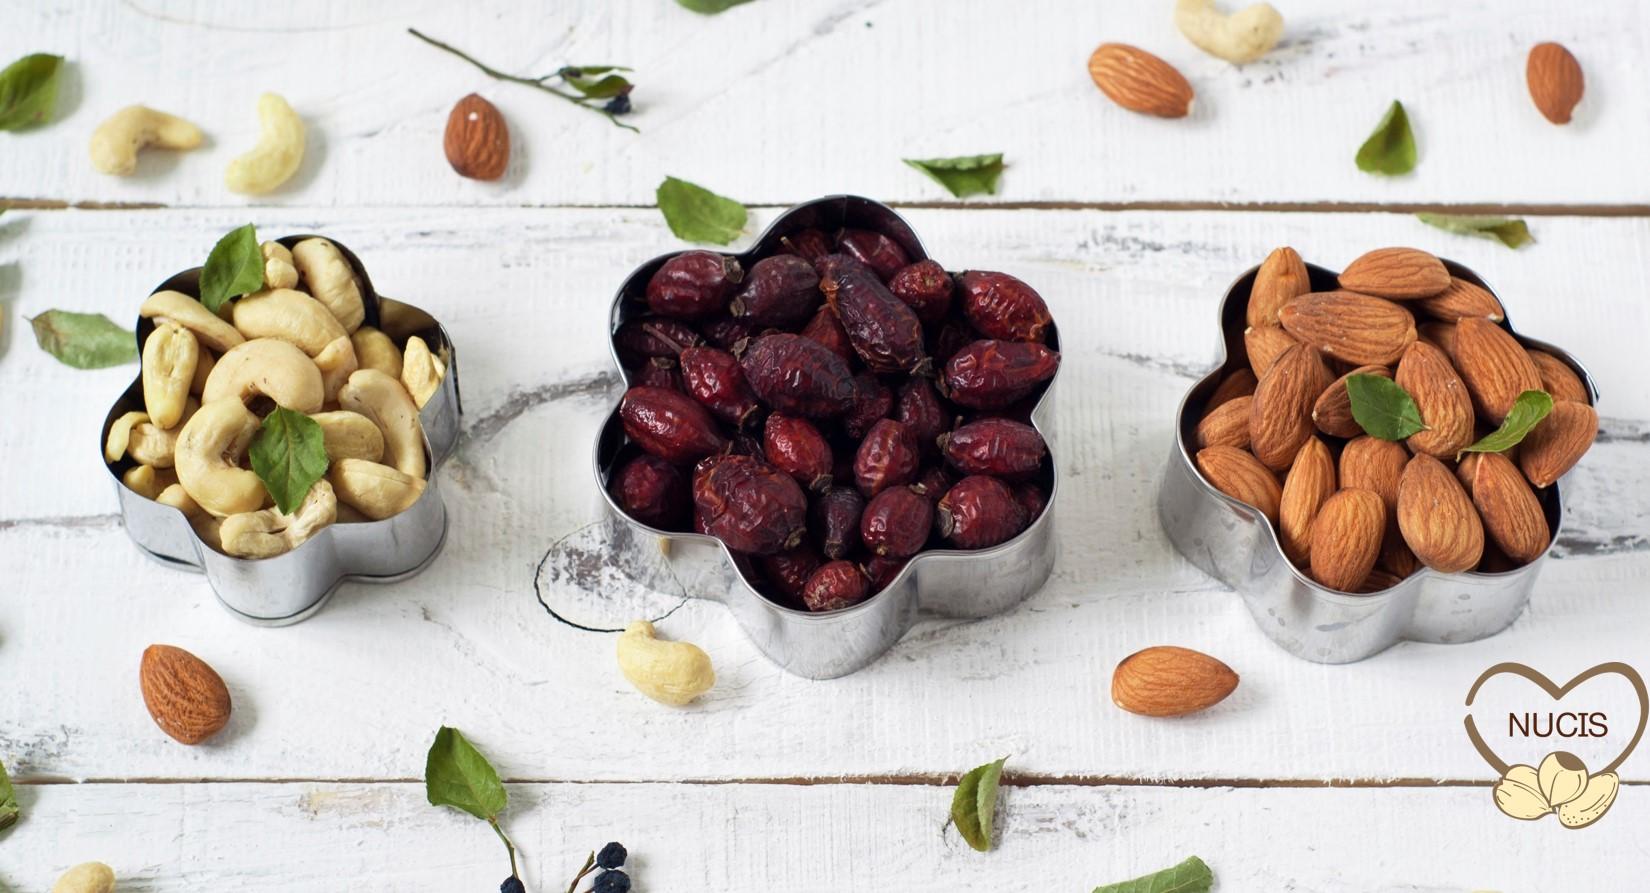 Nuts & News